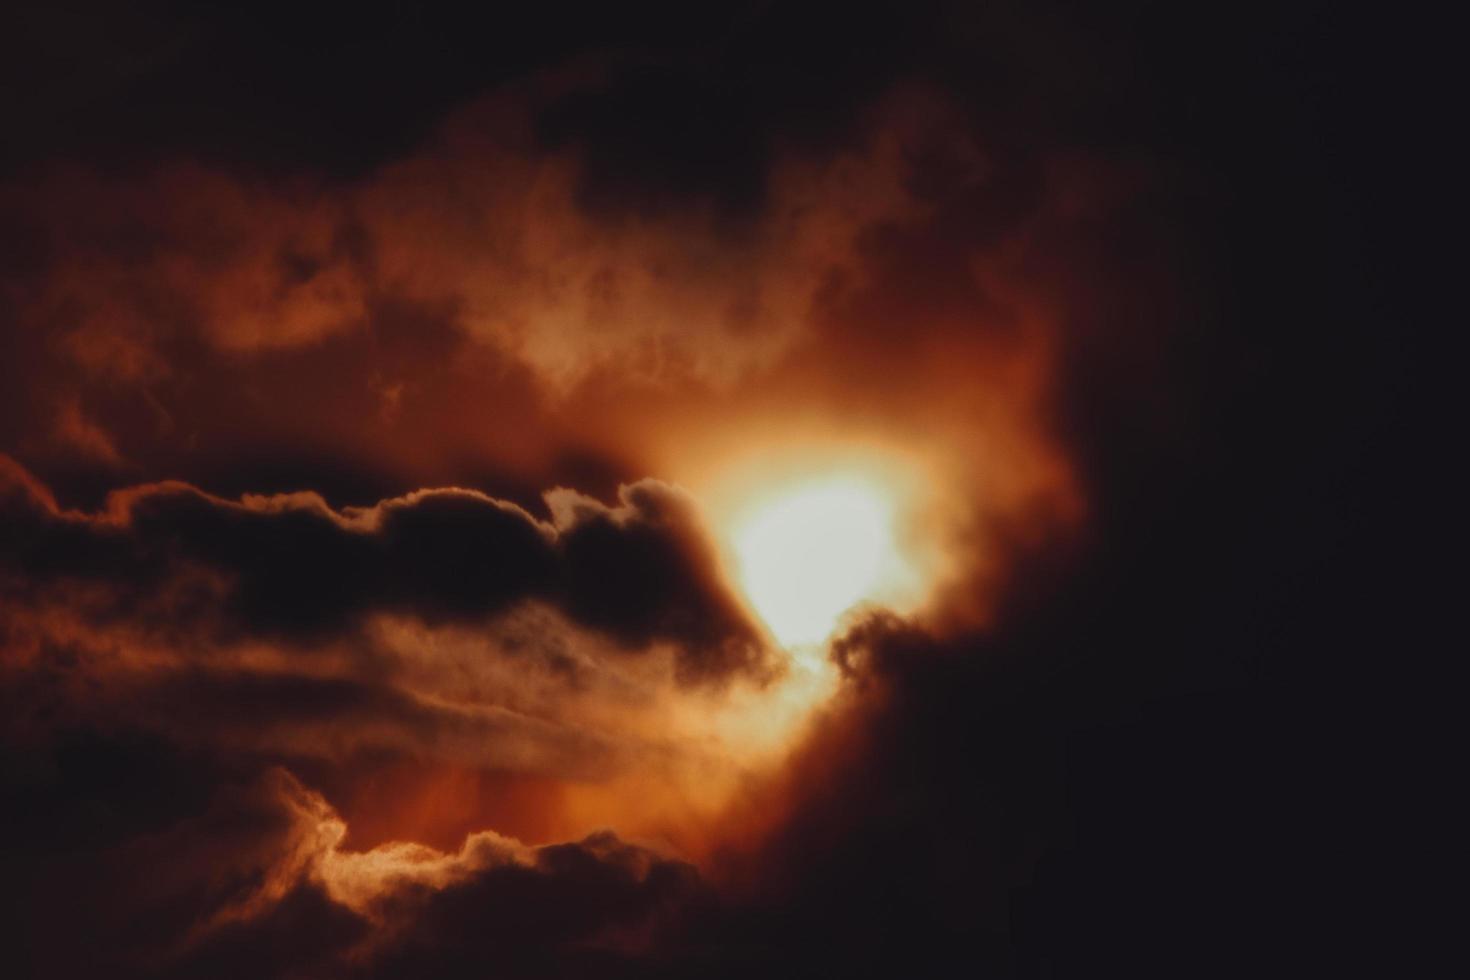 nuages orange et noirs au coucher du soleil photo